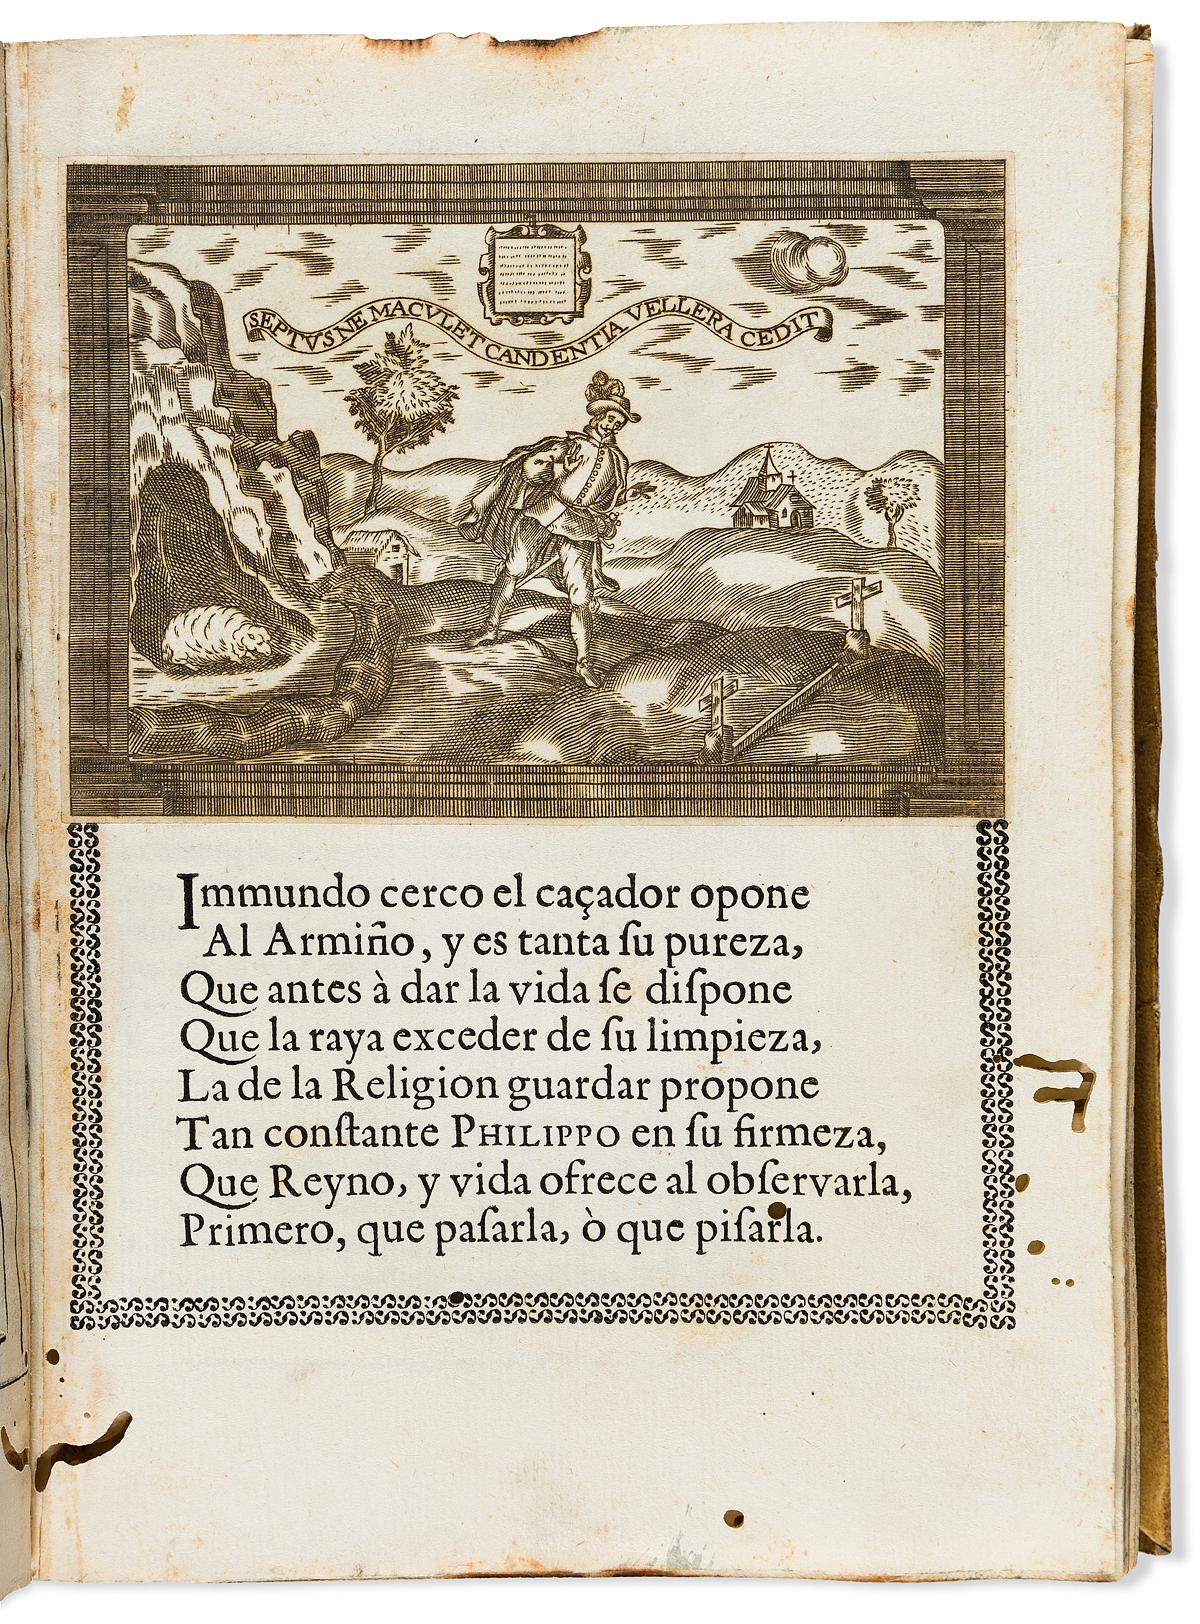 (MEXICAN IMPRINT--1666.) Isidro Sariñana. Llanto del occidente en el ocaso del mas claro sol de las Españas: